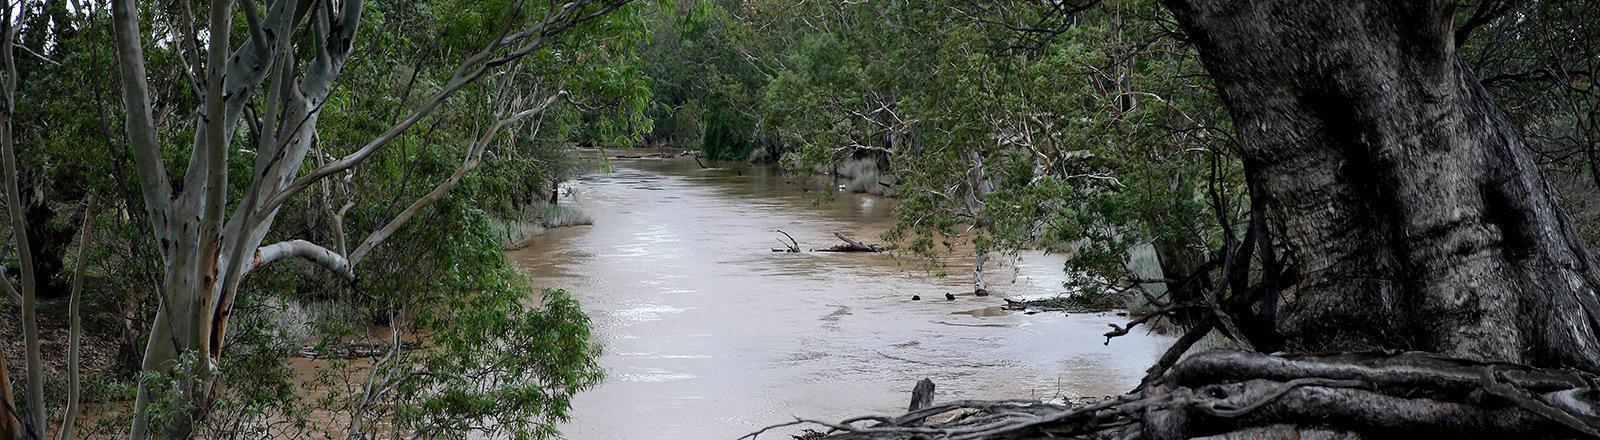 Regenfälle in Australien